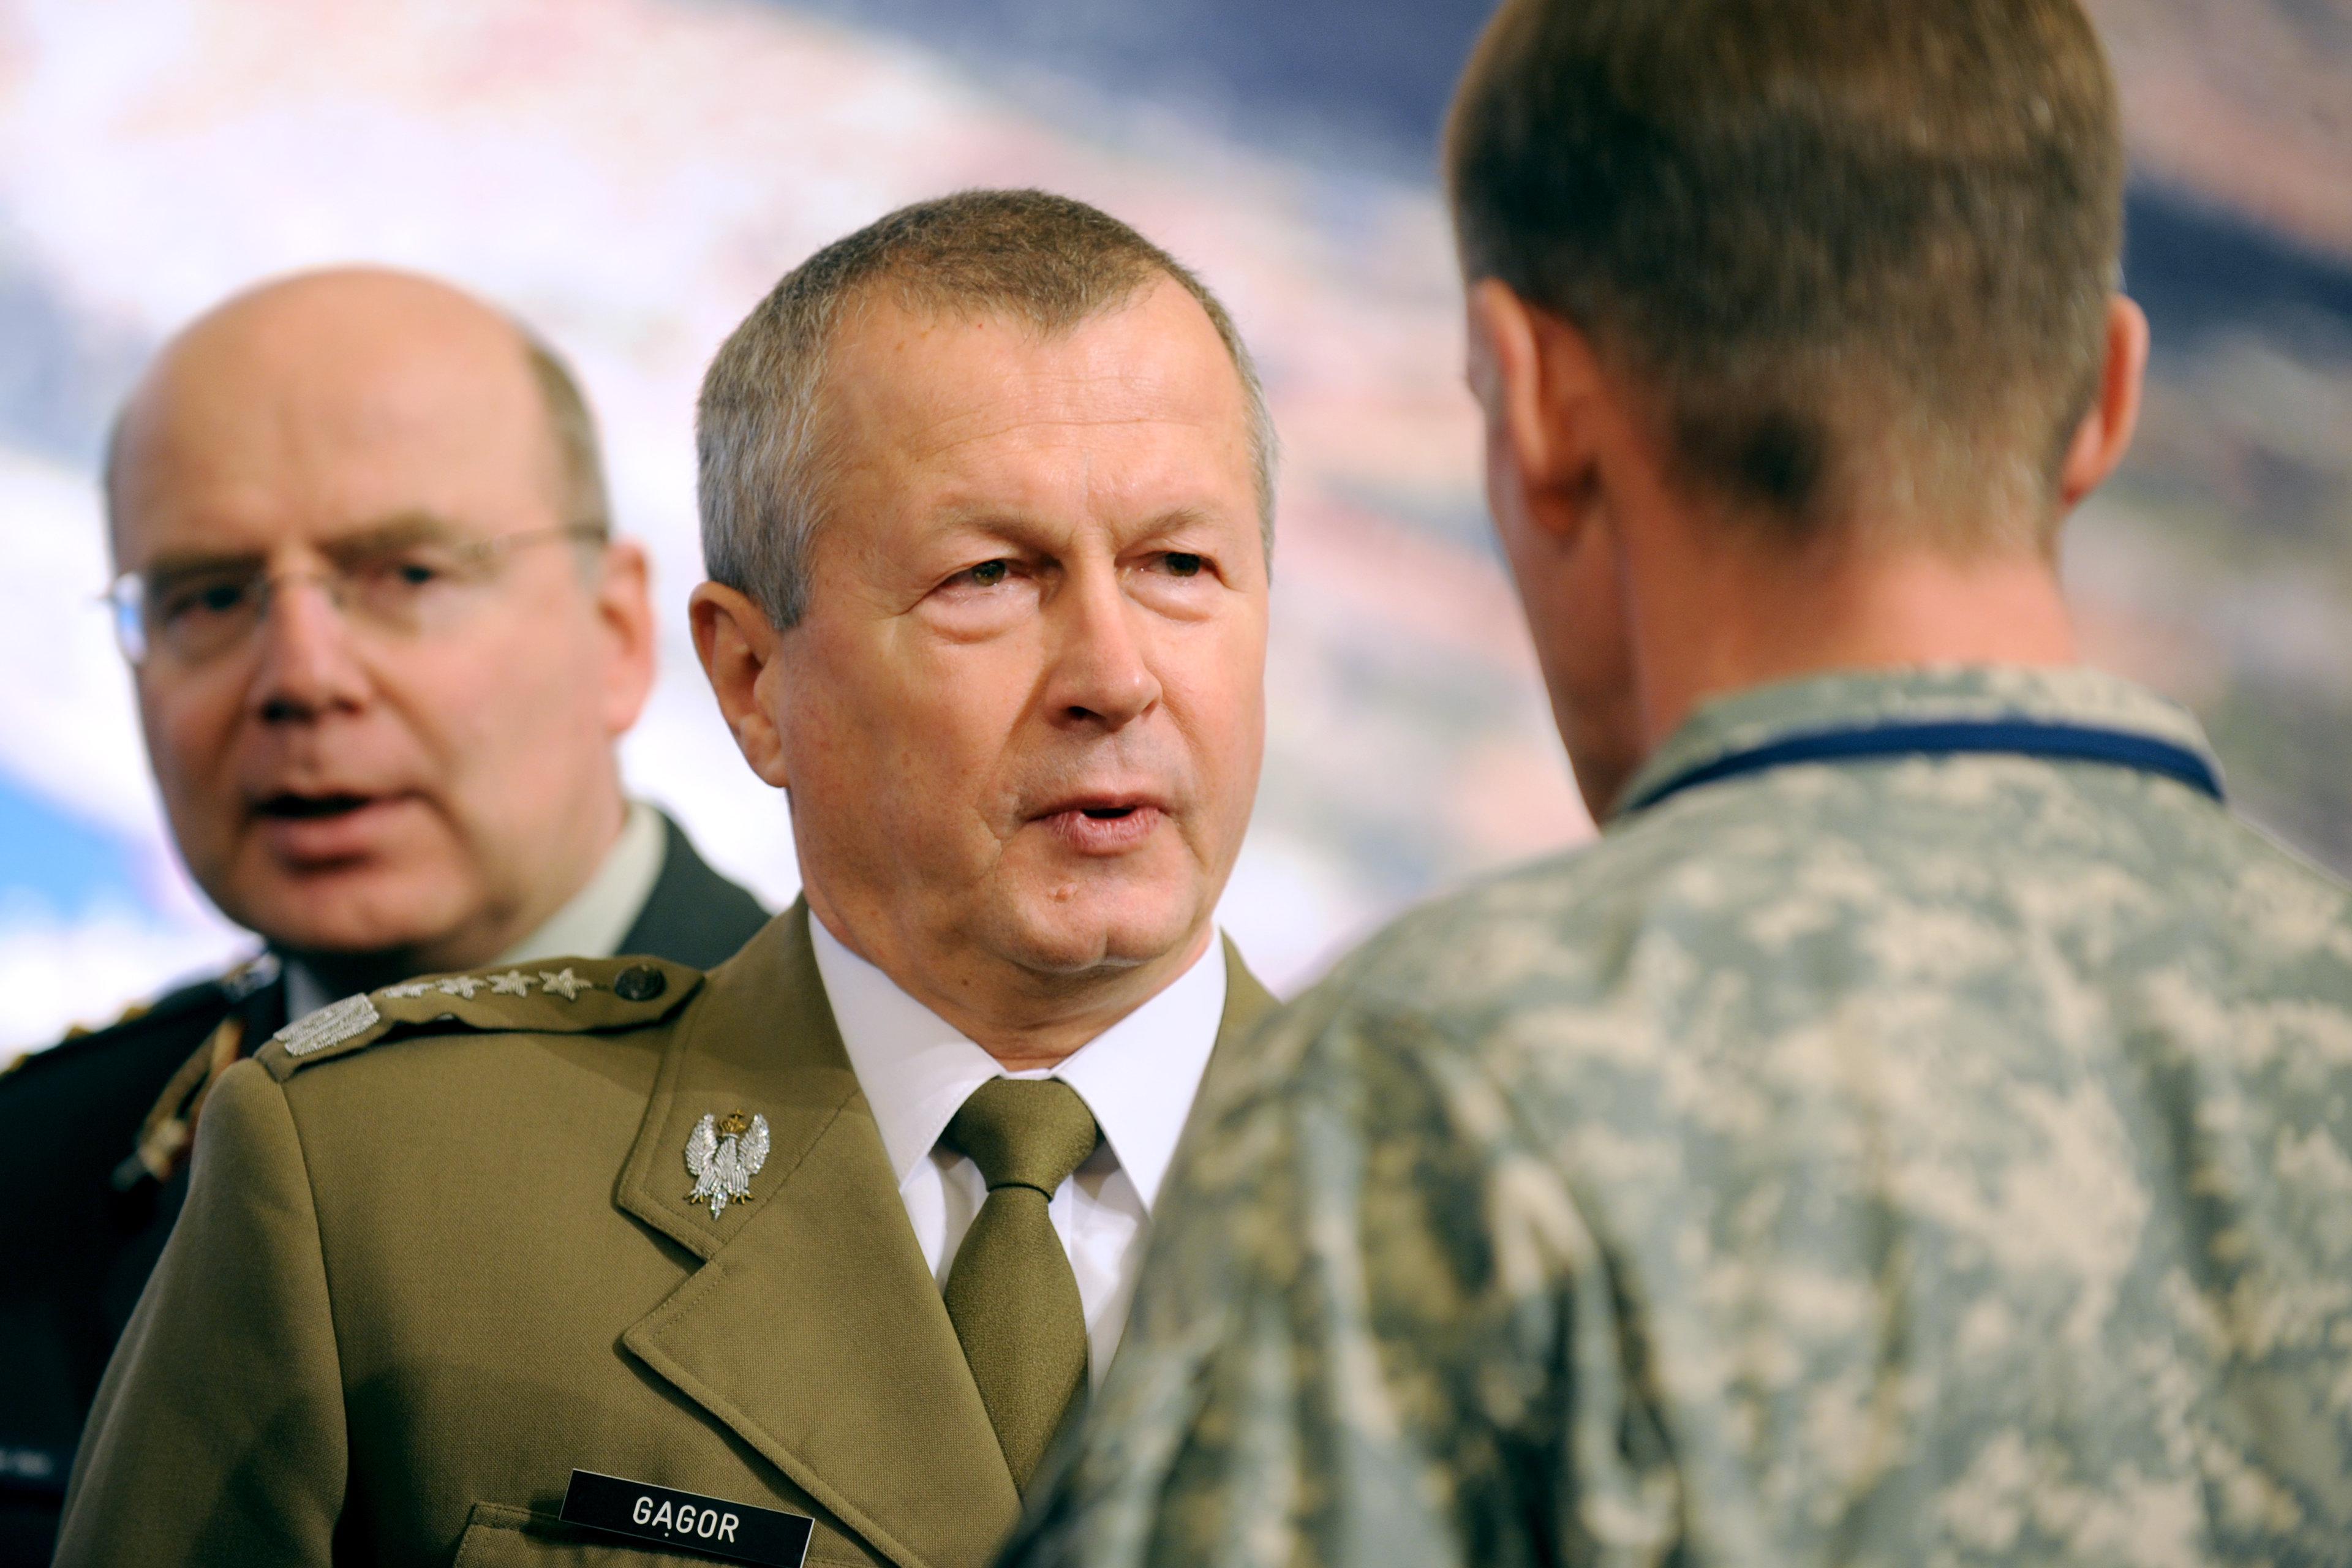 Generał Franciszek Gągor w czasie sprawowania obowiązków wojskowych. Generał zginął w czasie podróży do smoleńska 10 kwietnia 2010 r. Miał 58 lat. (fot. Siły zbrojne USA/domena publiczna)